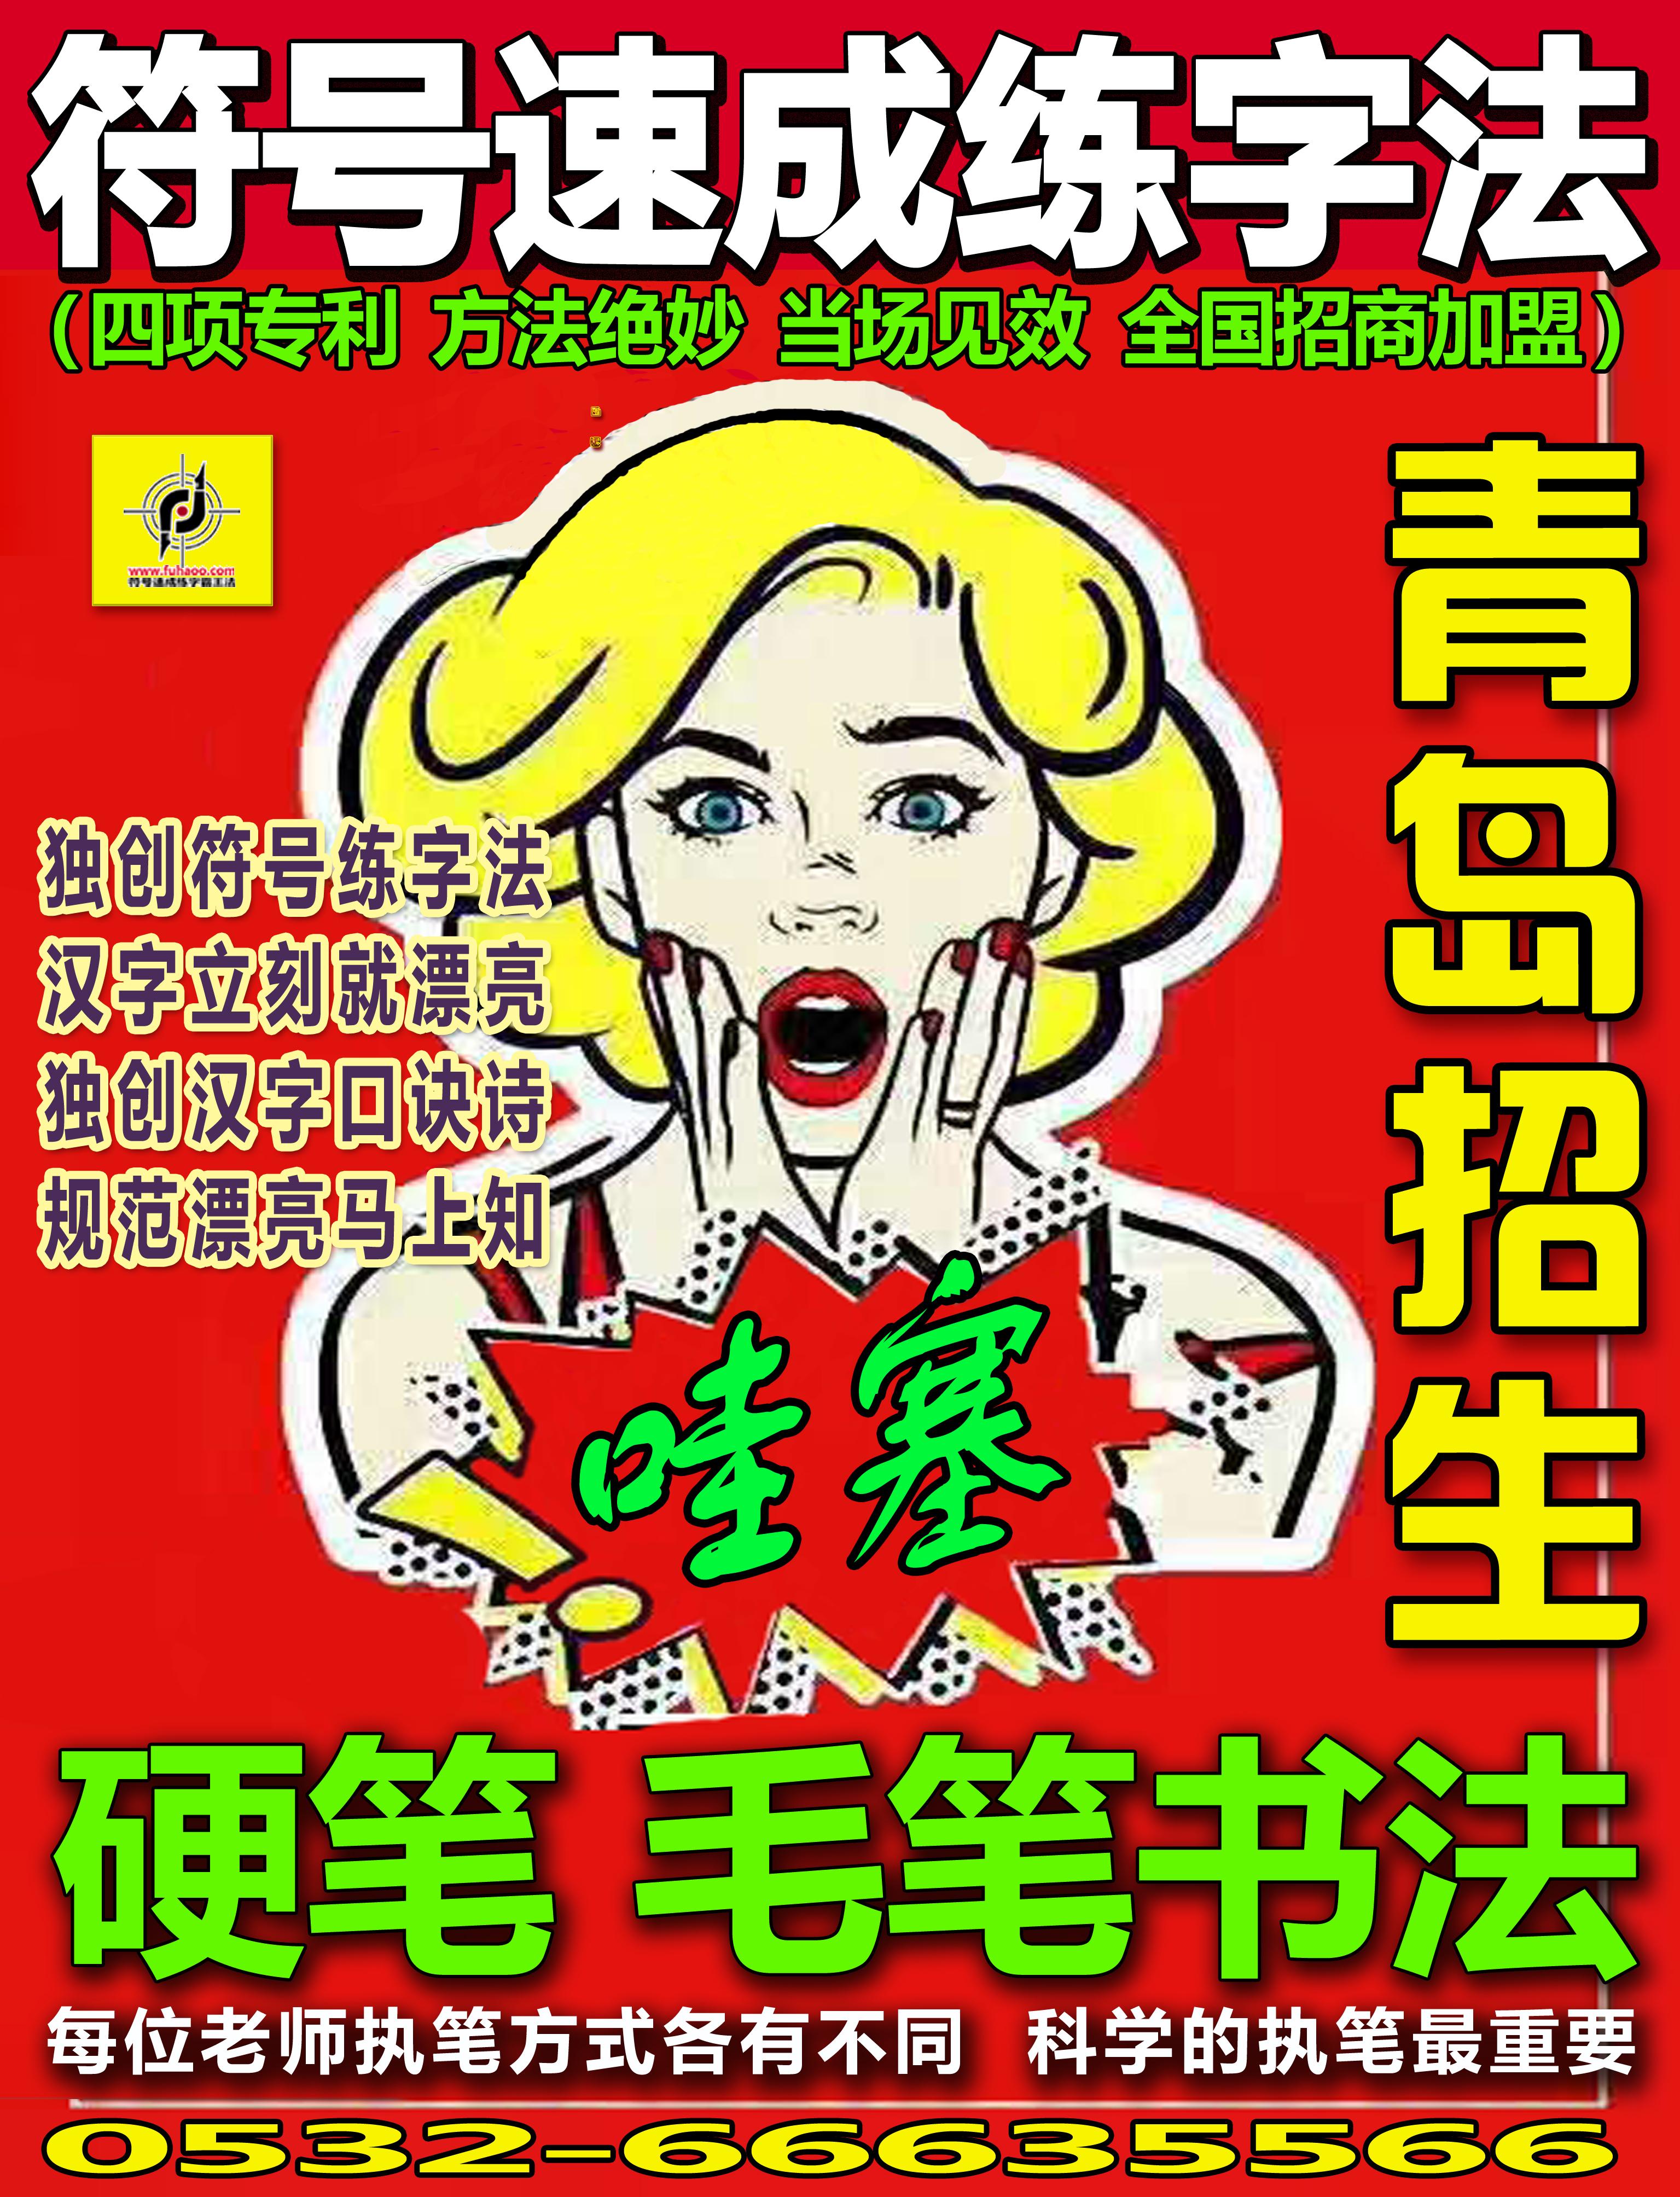 寒假招生红色微信 版 拷贝.jpg